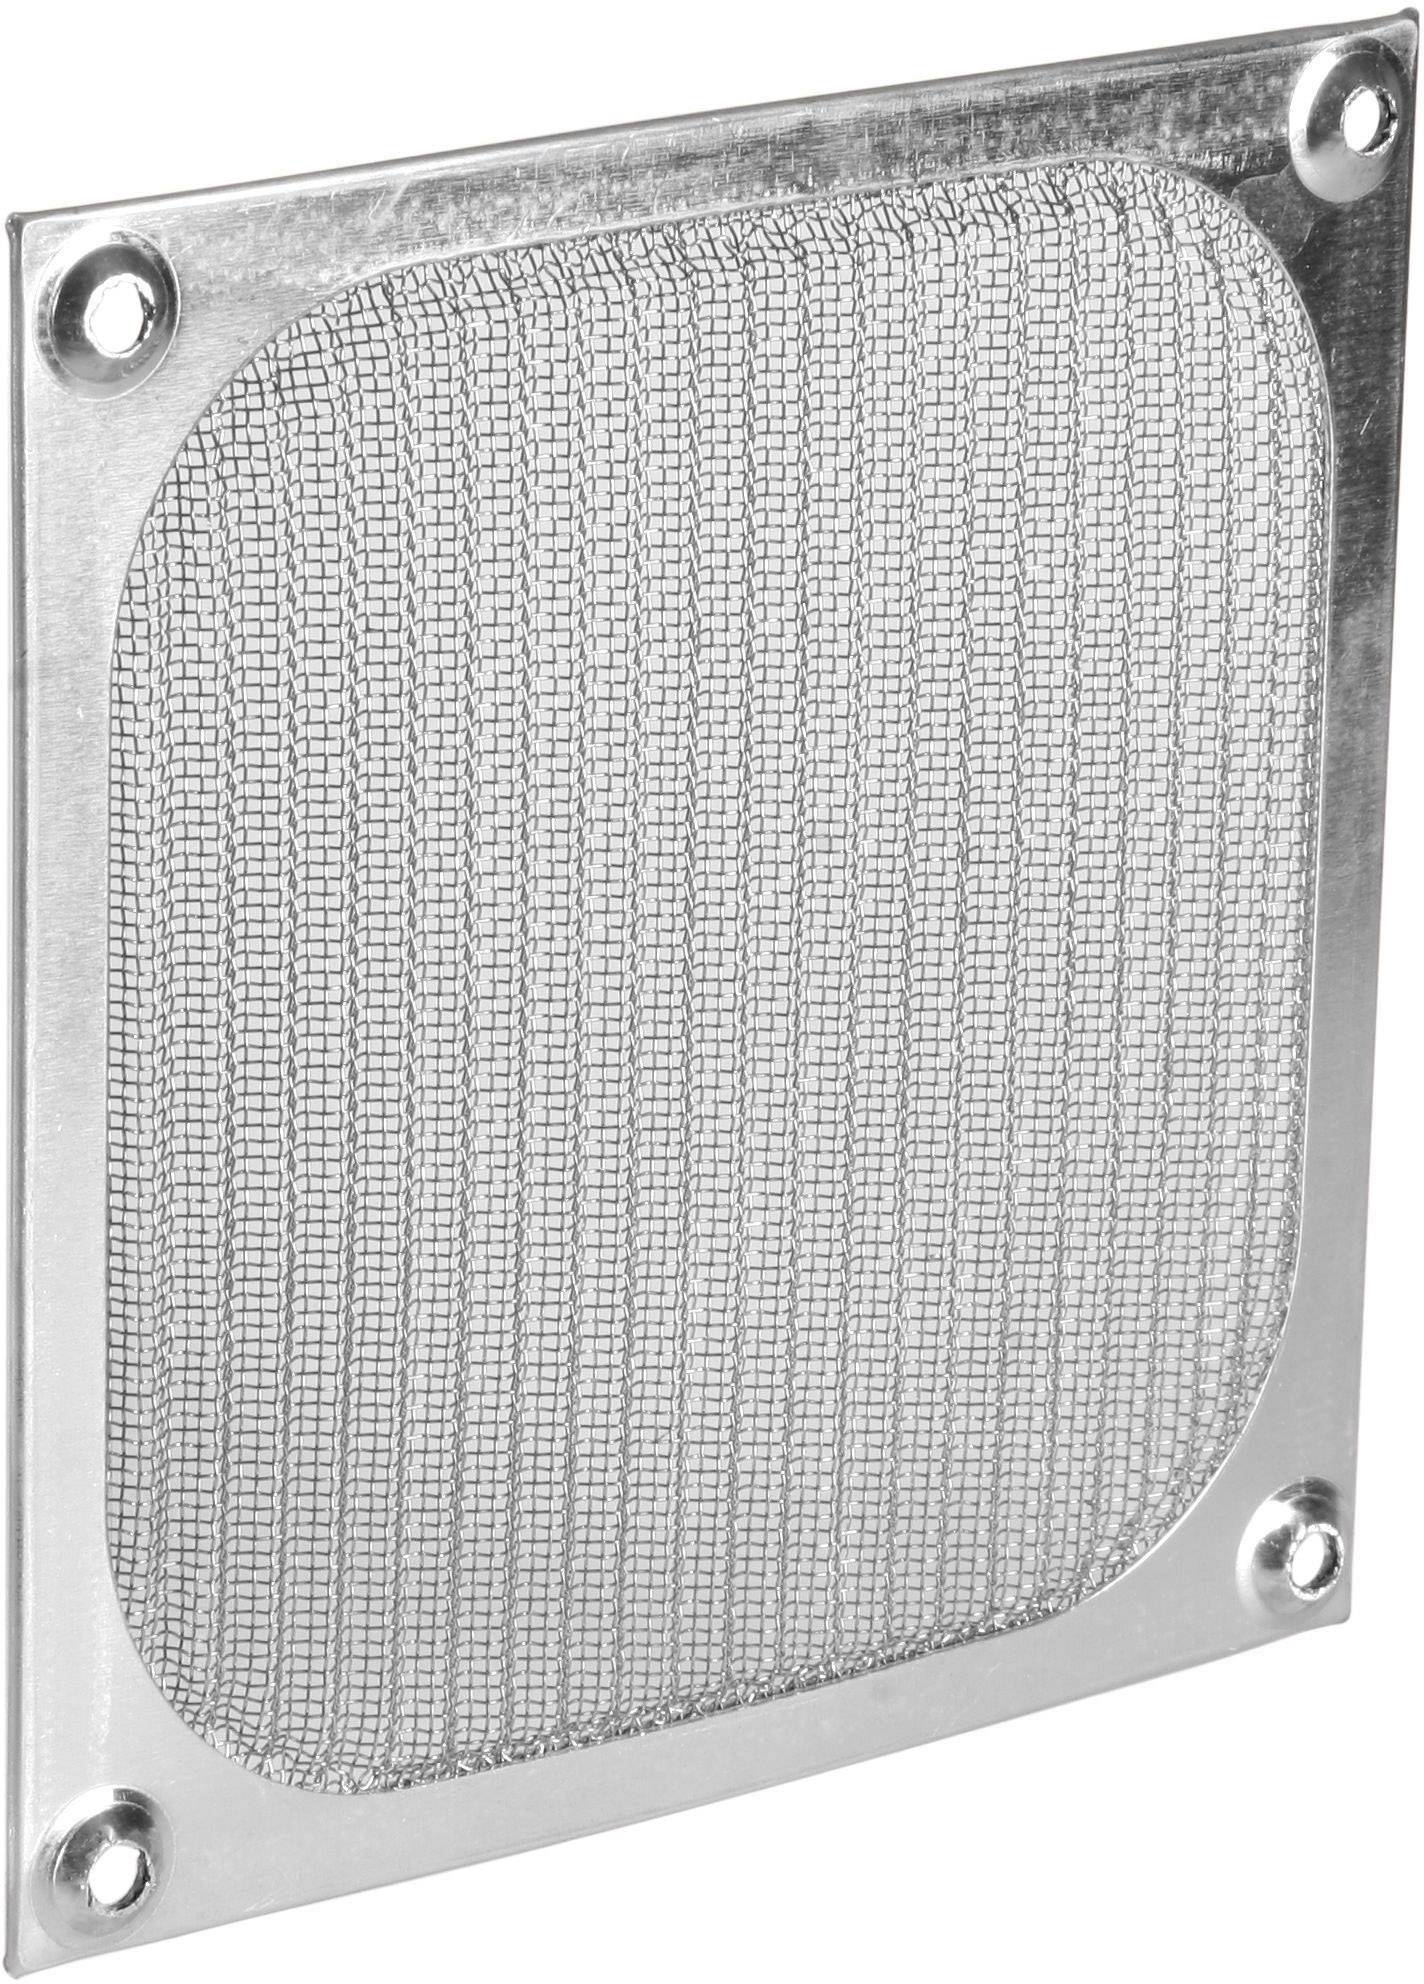 EMC prachový filtr SEPA;939210400, (š x v x h) 92 x 4 x 92 mm, 1 ks, hliník, nerezová ocel